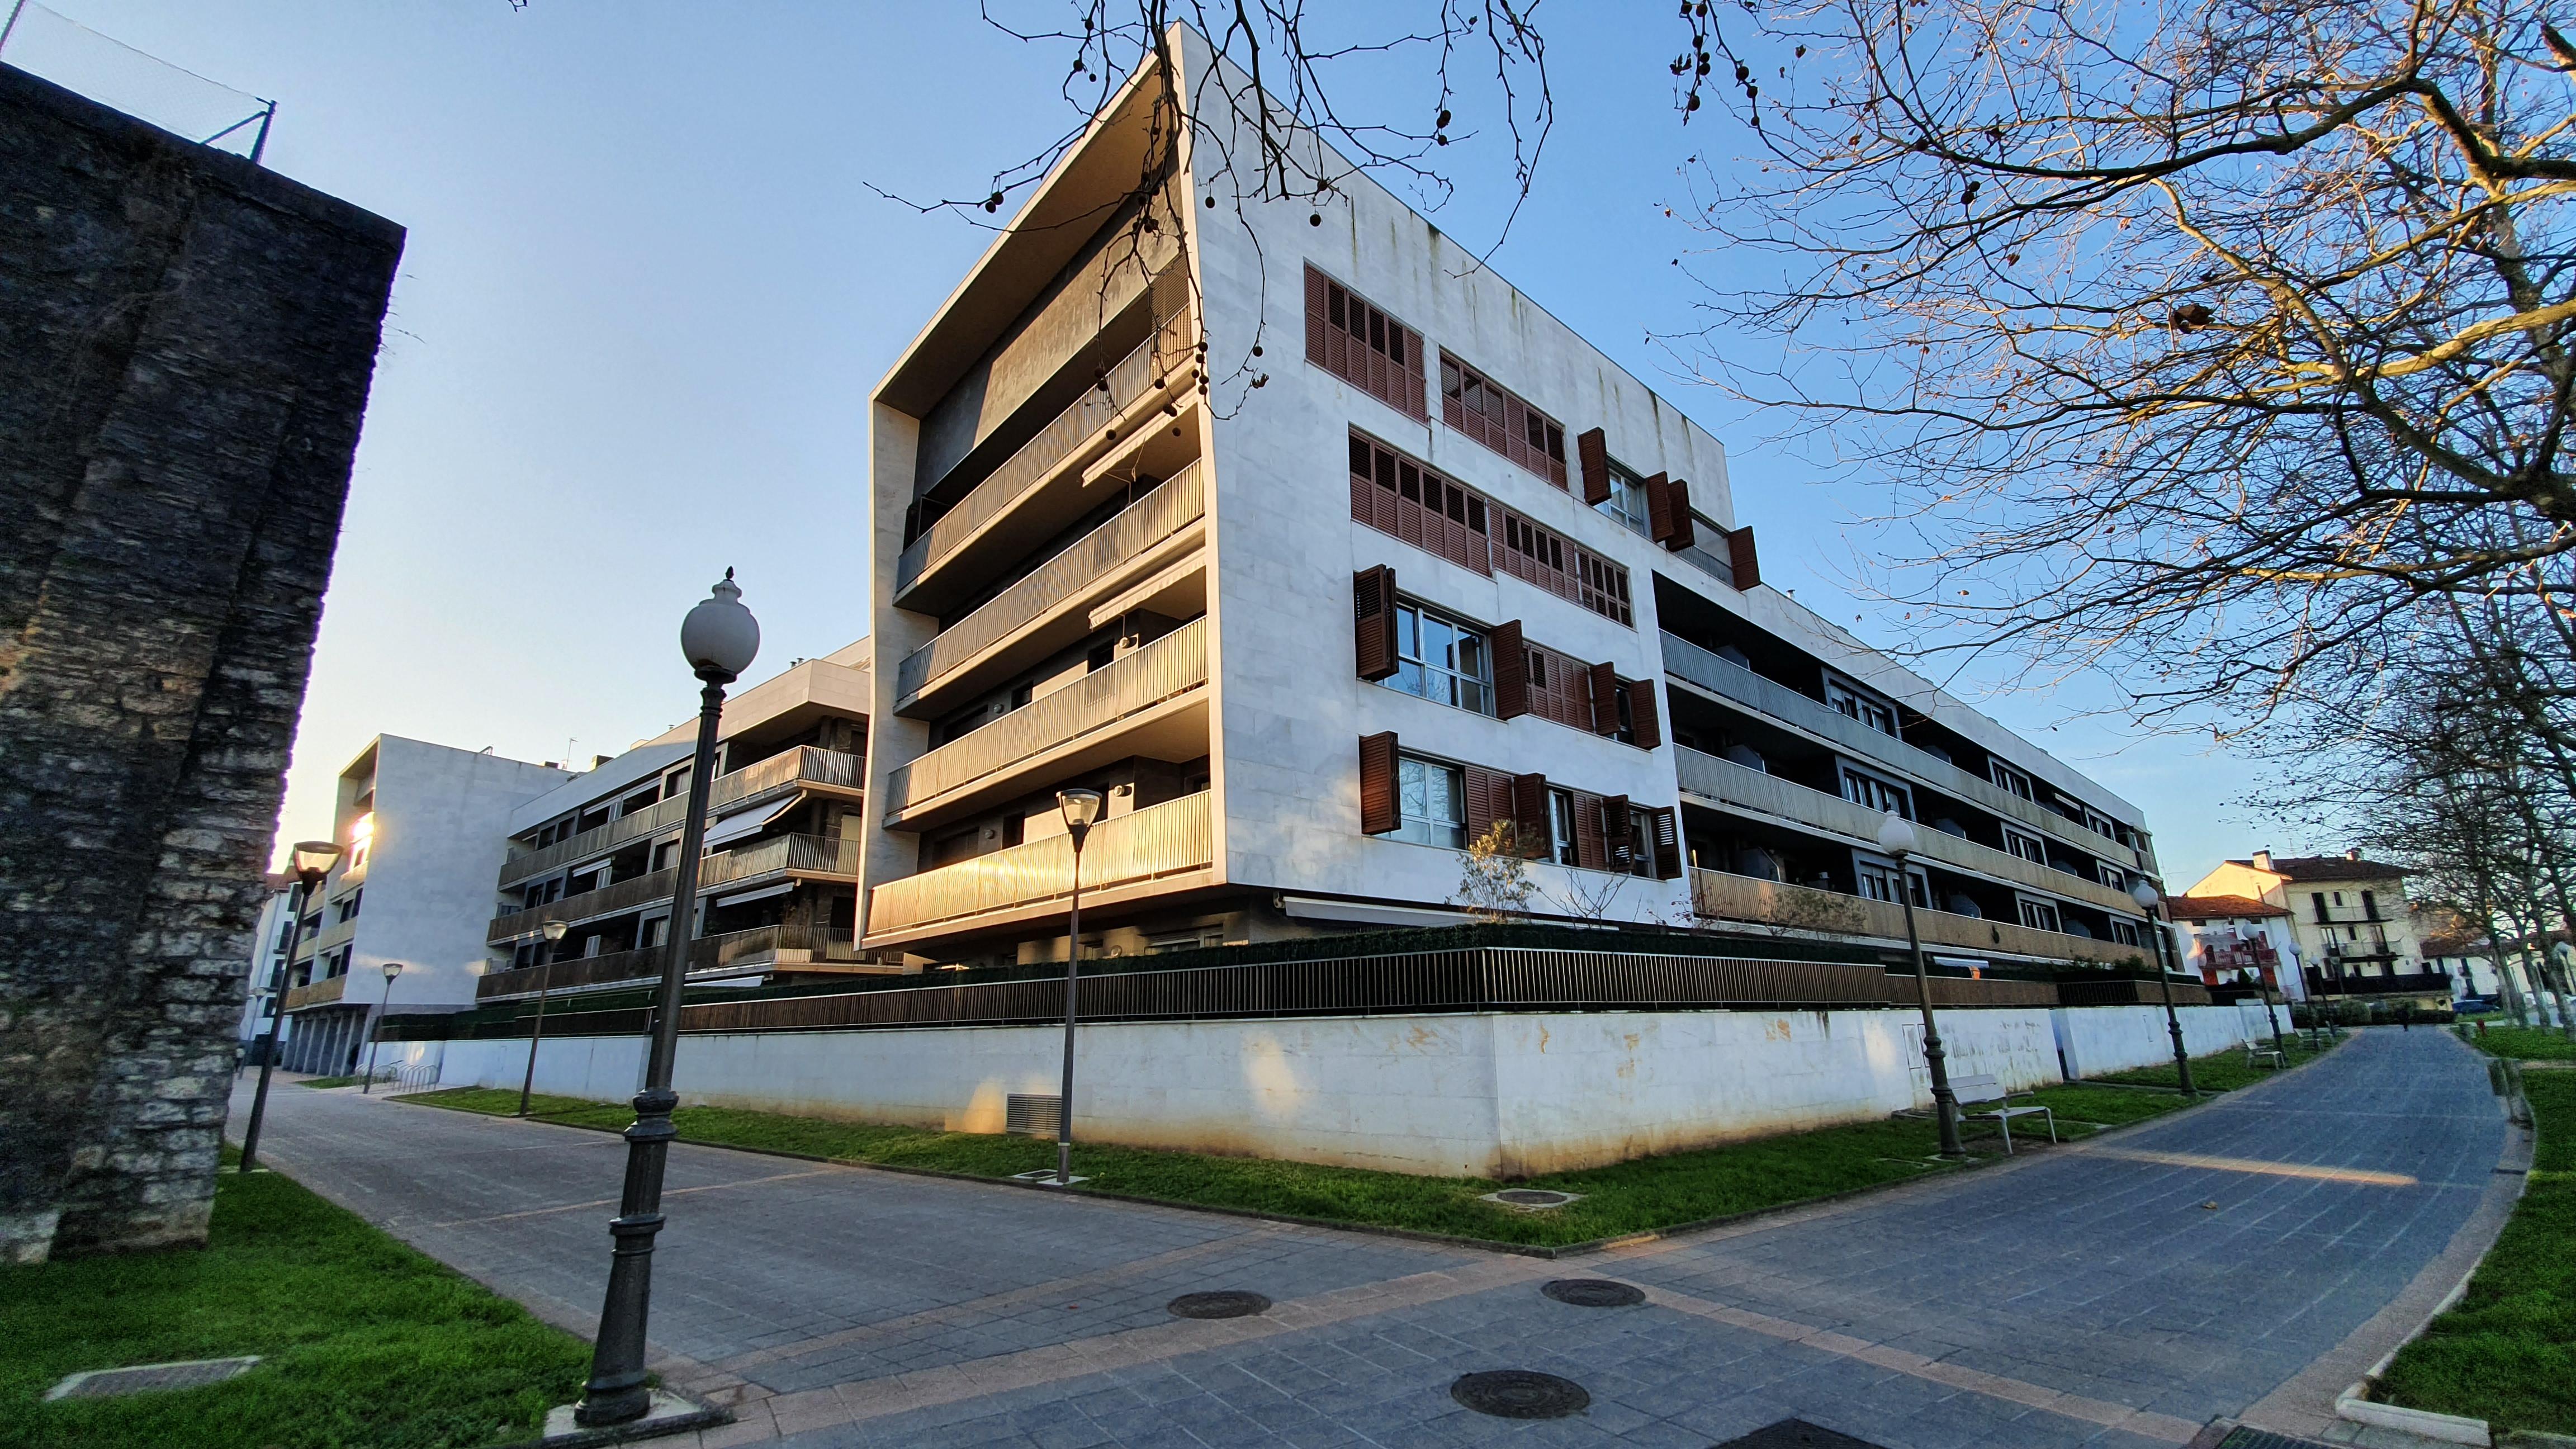 Exclusiva vivienda de 125 m2 en zona muy demandada  con dos soleadas Terrazas de 125 m2. También en Venta Aplazada.